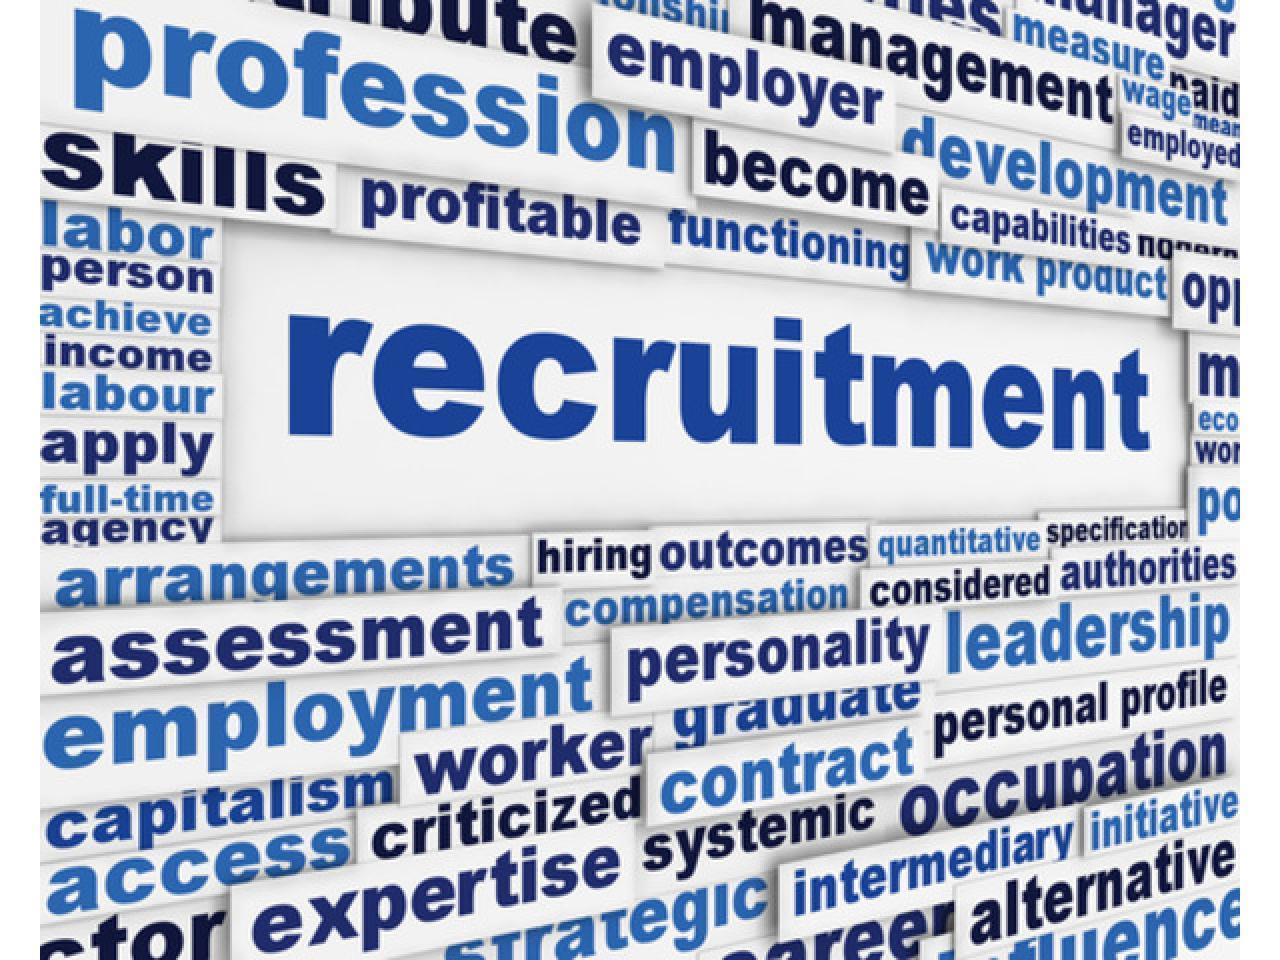 Еженедельно требуются работники в Лондоне на свободные вакансии в разных сферах. - 1